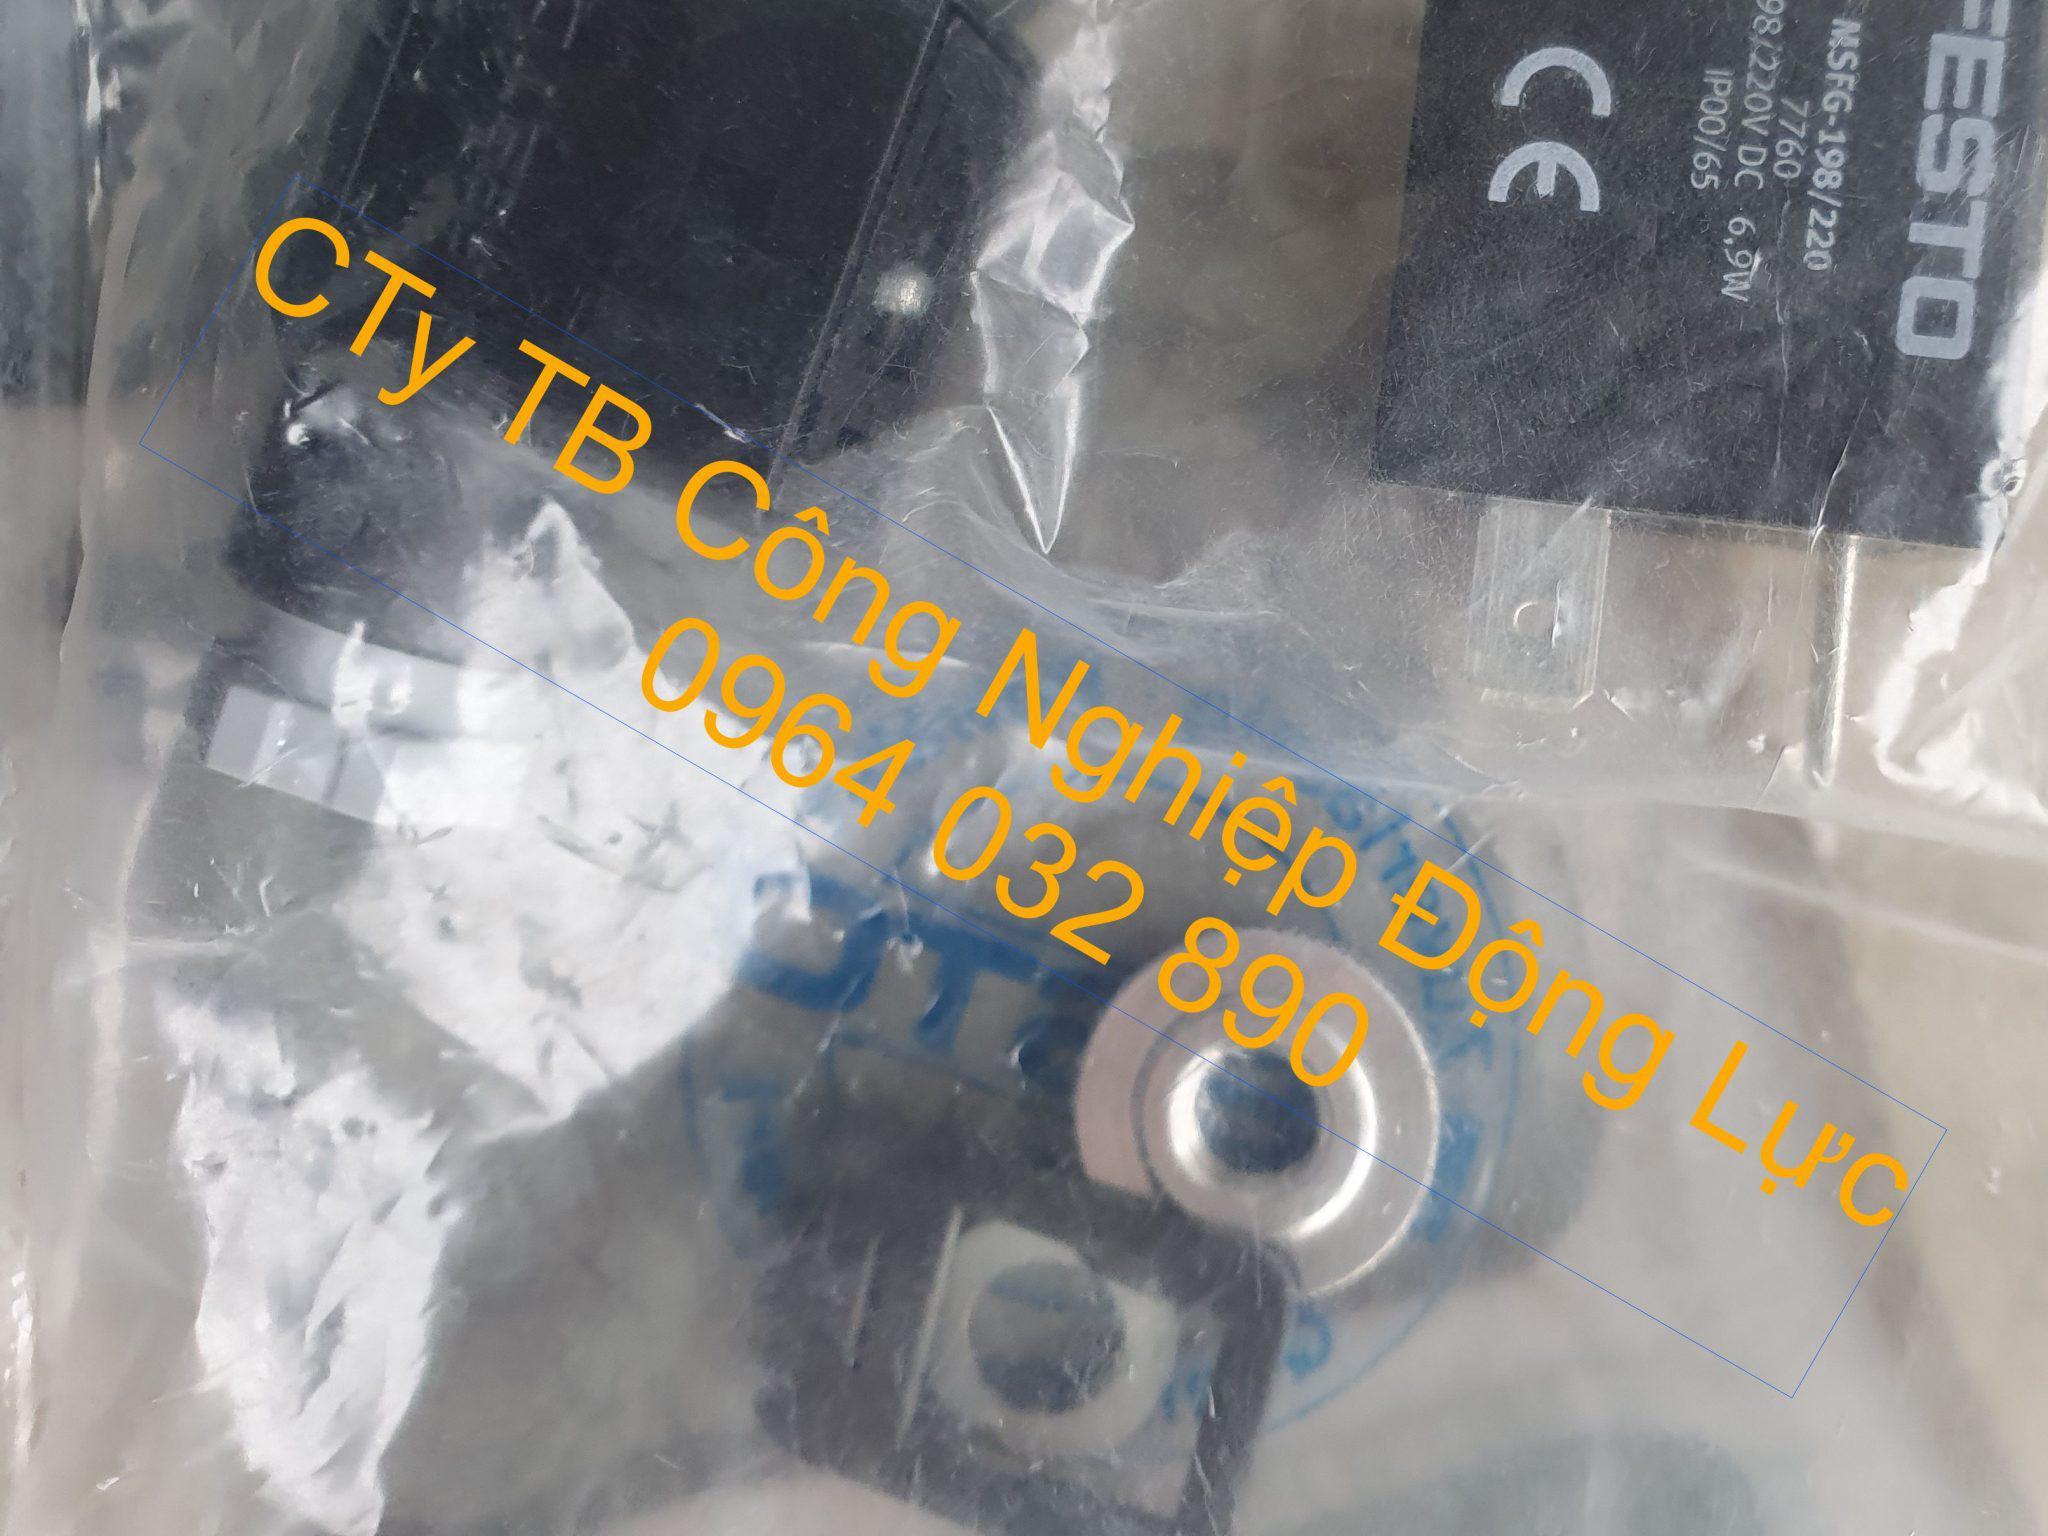 cuôn coil festo nhập khẩu chính hãng của Đức phân phối tại thị trường Việt Nam giá rẻ, uy tín, chất lượng cao, có bảo hành 1 năm